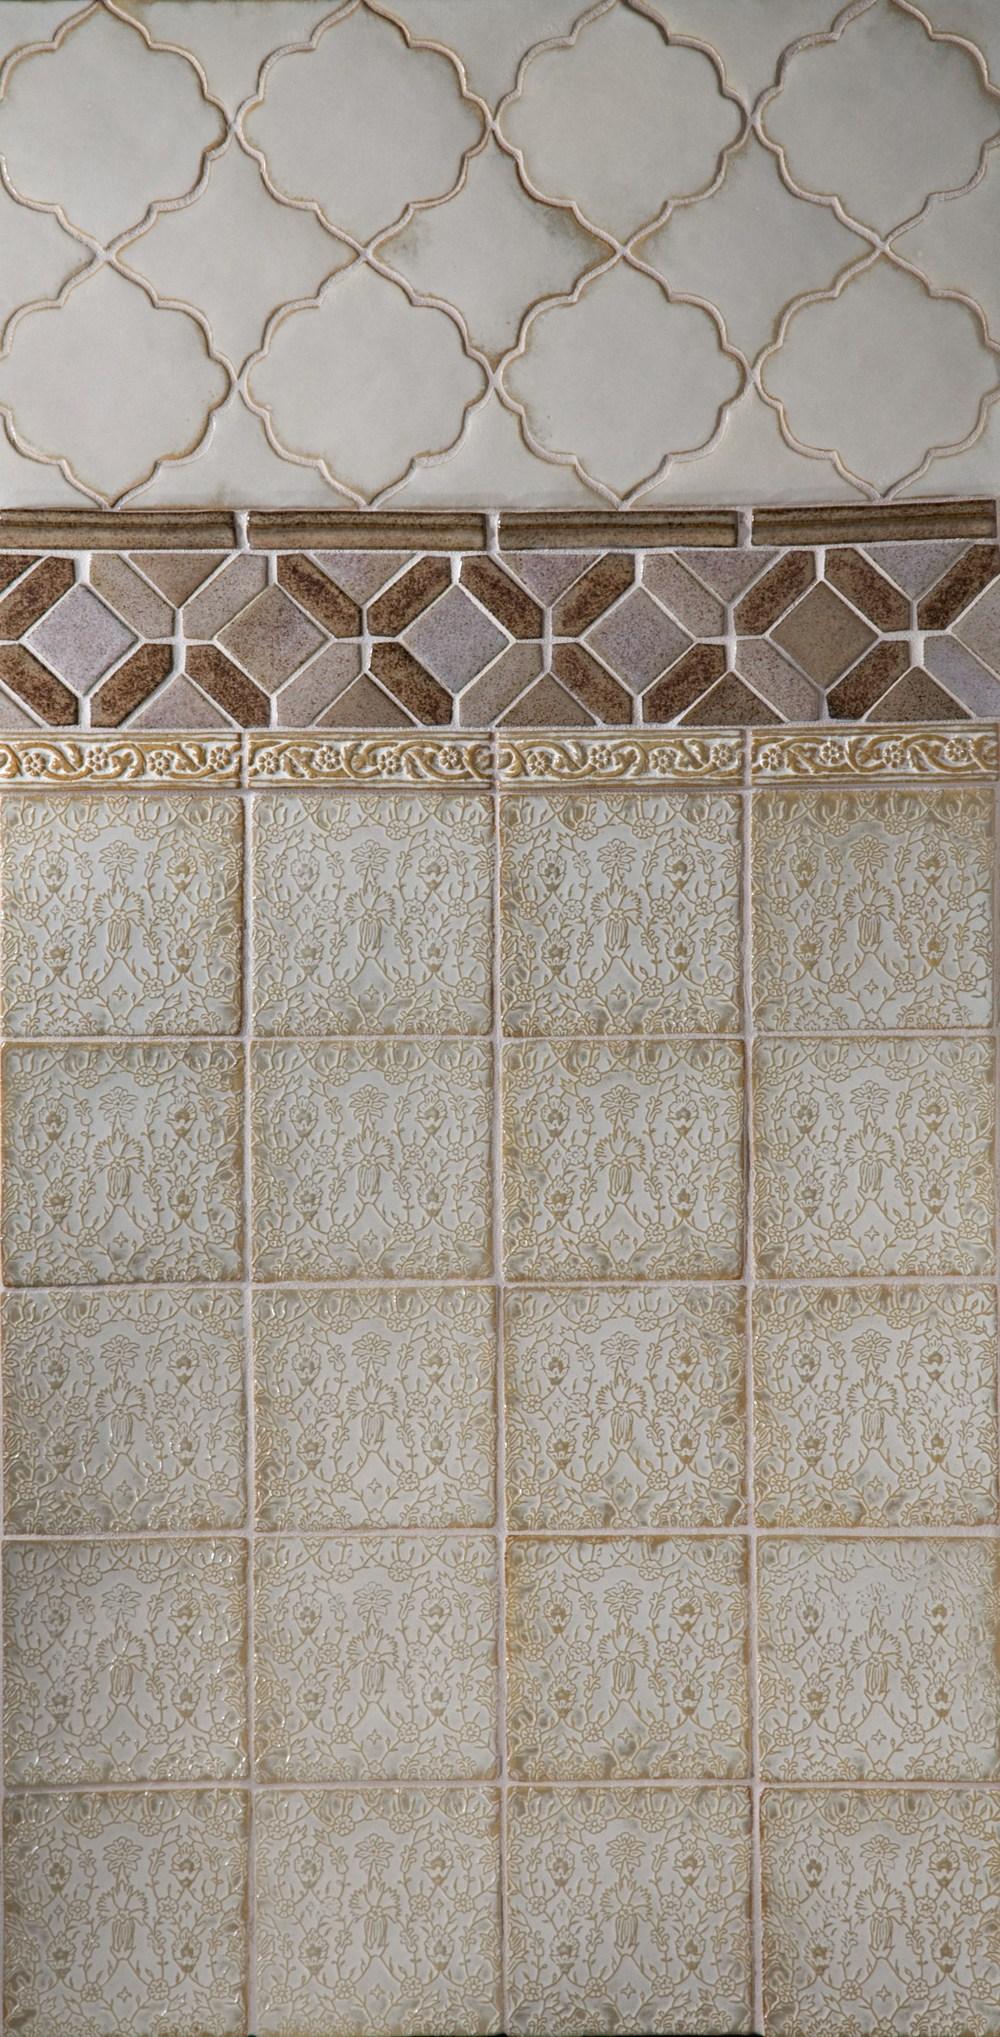 02_Lilywork-Tiles 2013.jpg